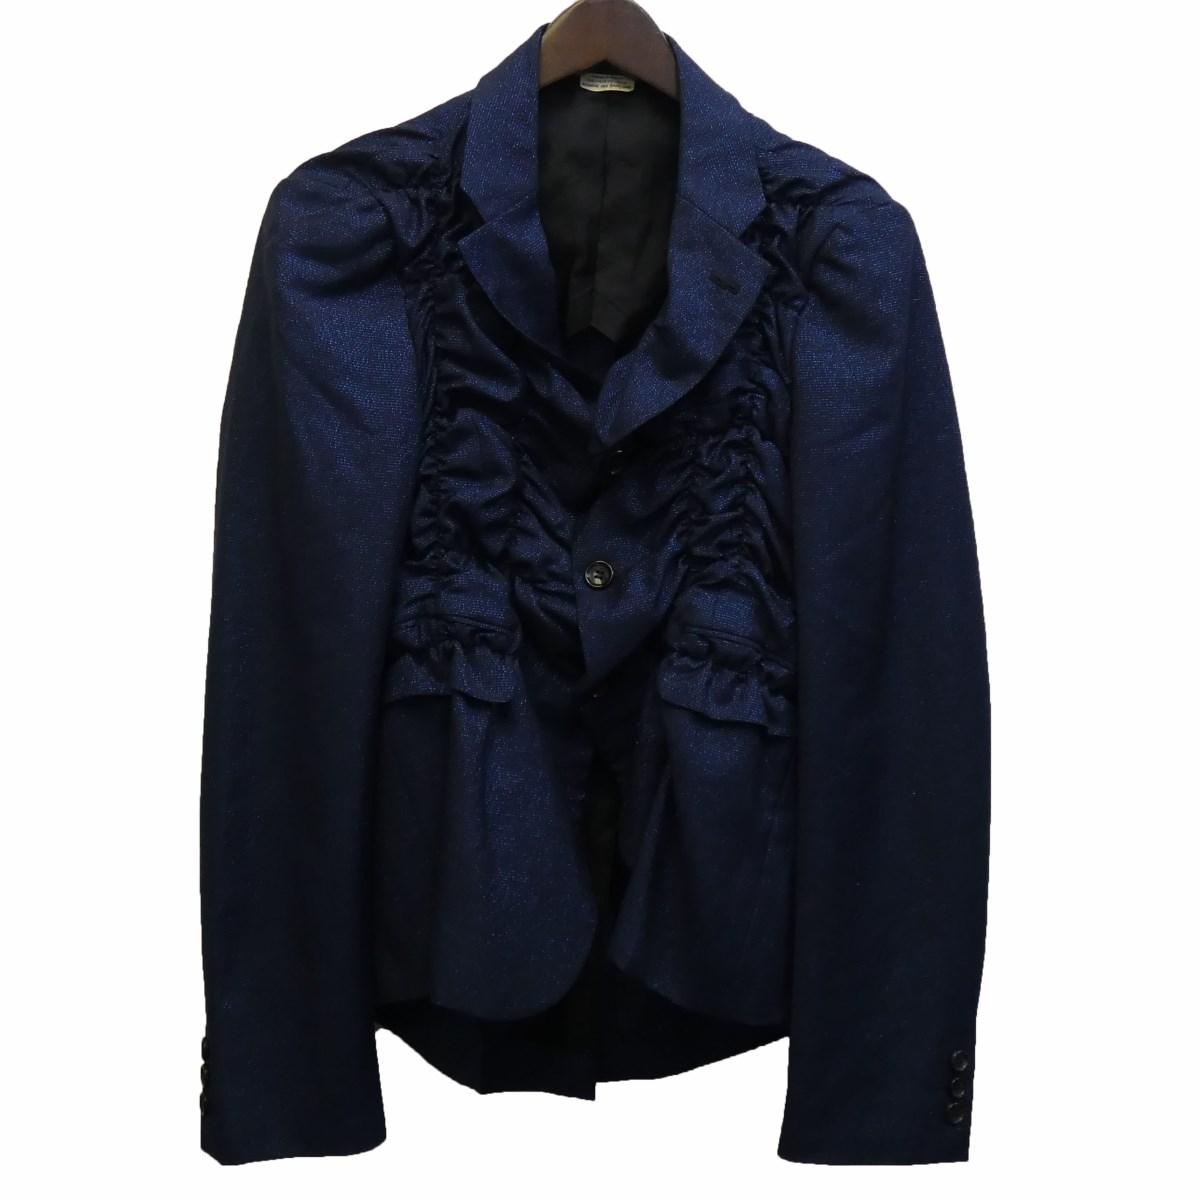 【中古】COMME des GARCONS HOMME PLUS19SS シャーリングラメテーラードジャケット ブルー サイズ:S 【3月30日見直し】